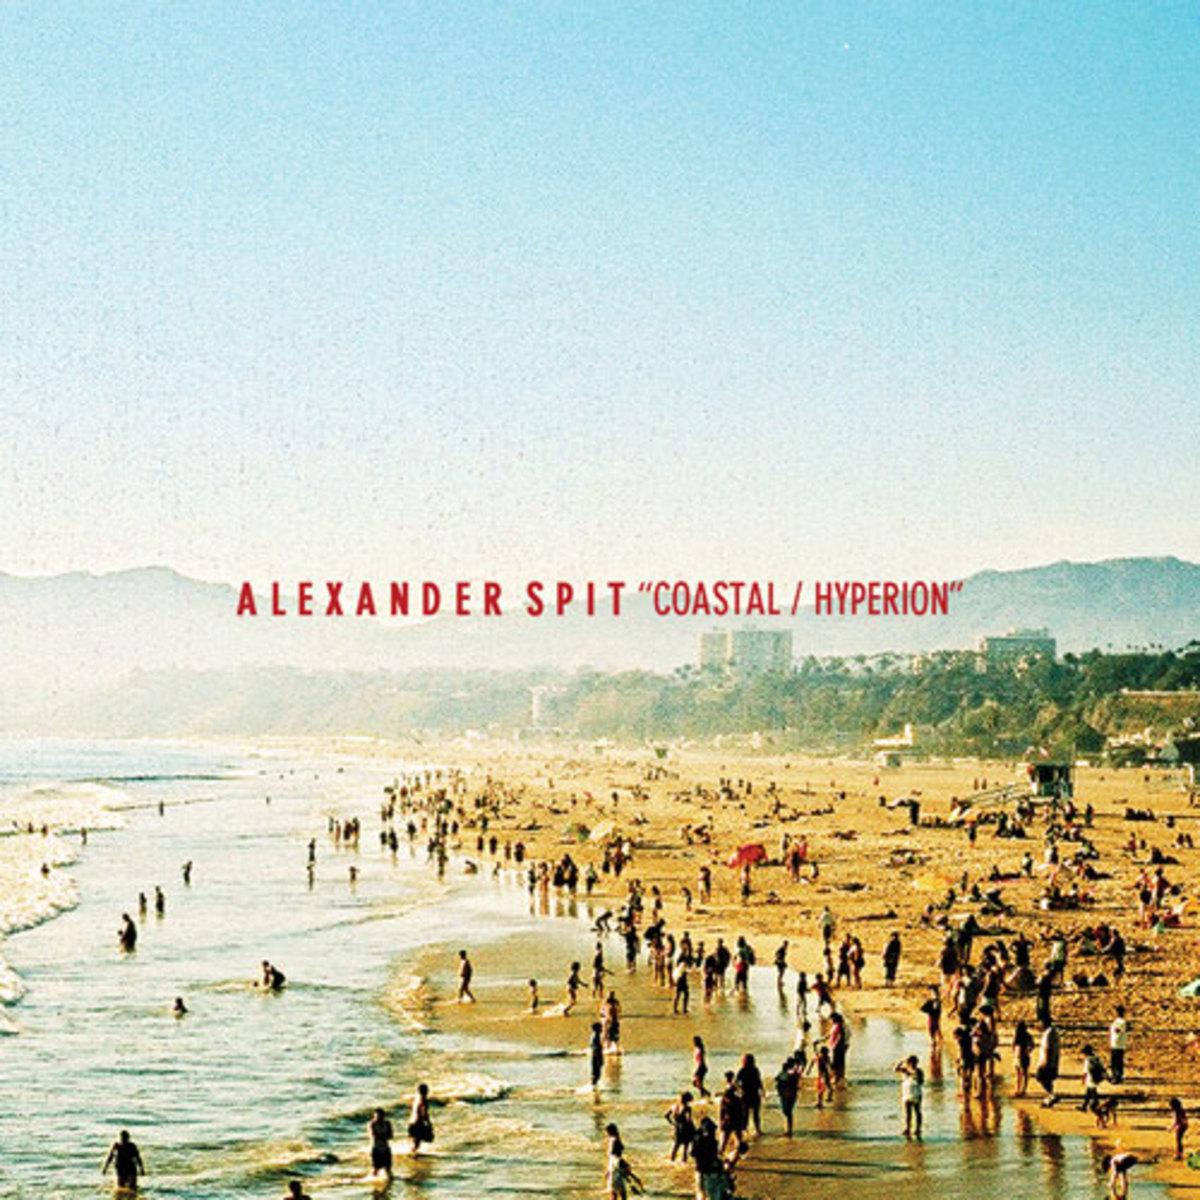 alexanderspit-coastal.jpg